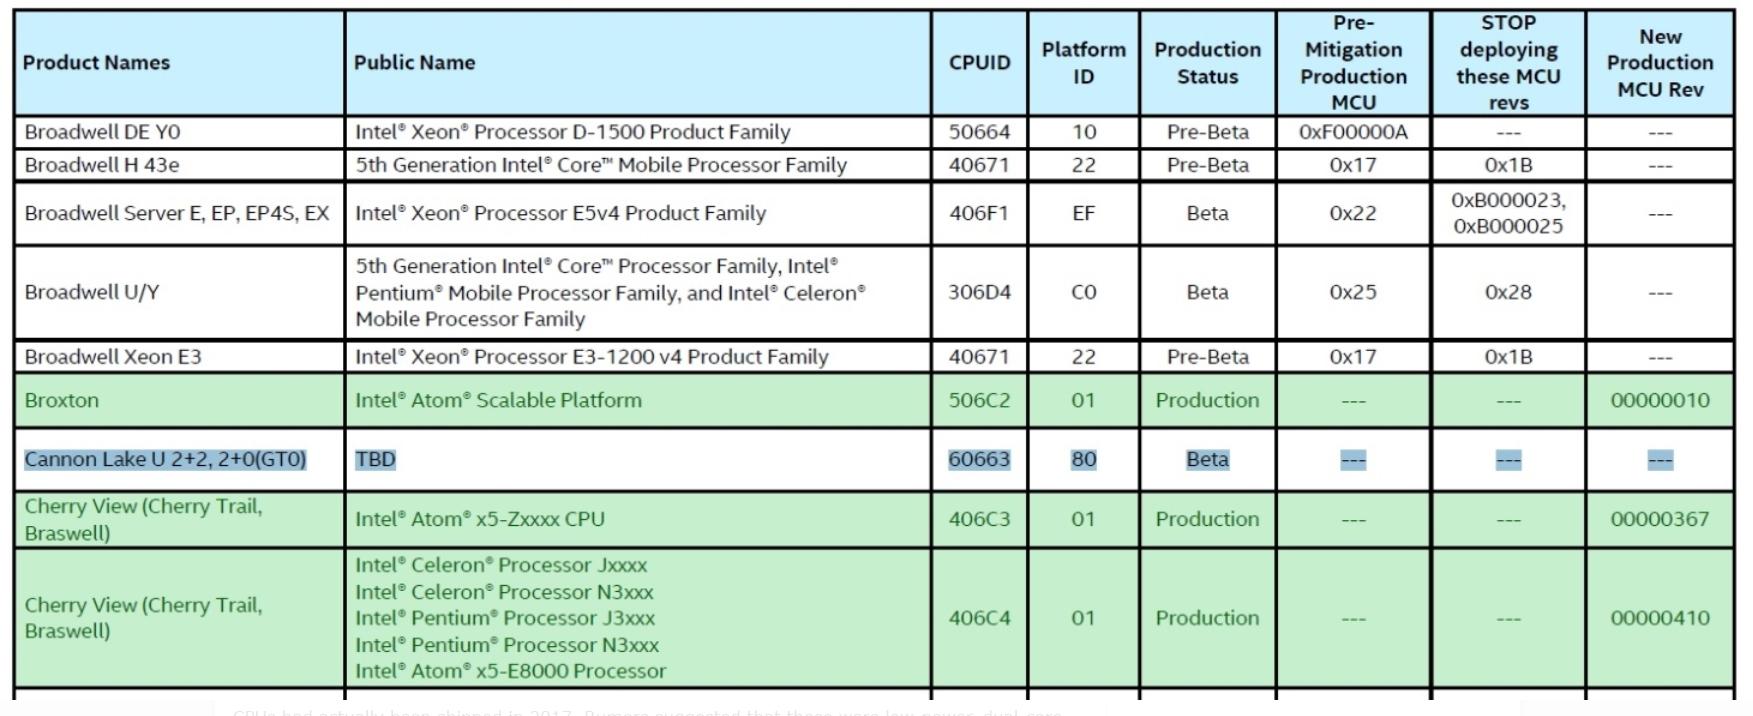 Intels databaser avslører.